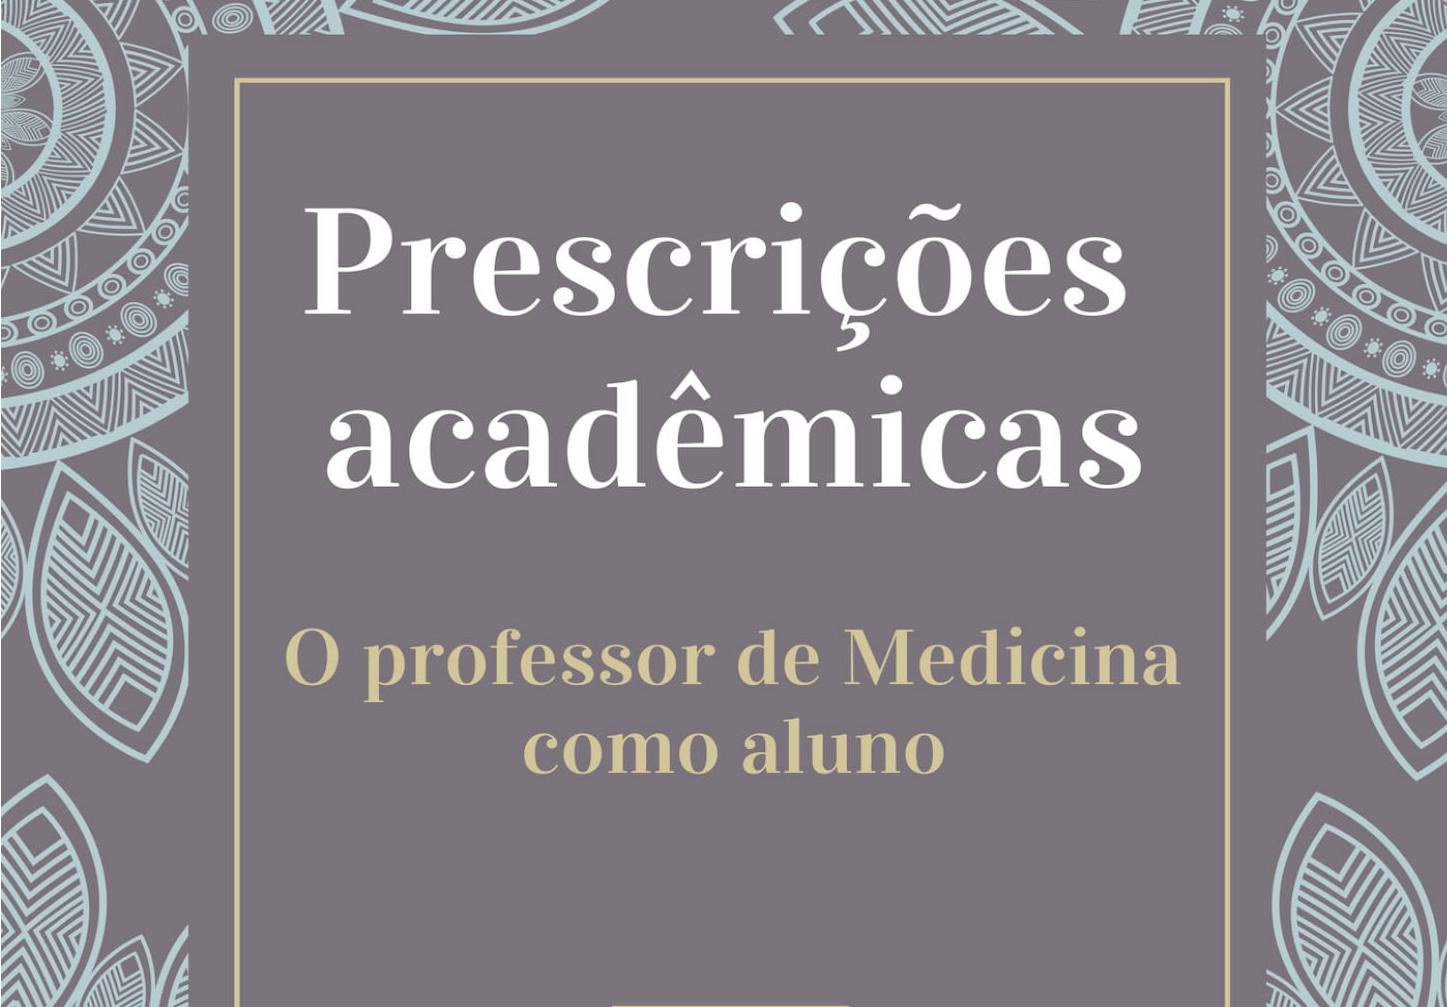 Colegiado de medicina publica e-Book com experiências de alunos de várias universidades do país